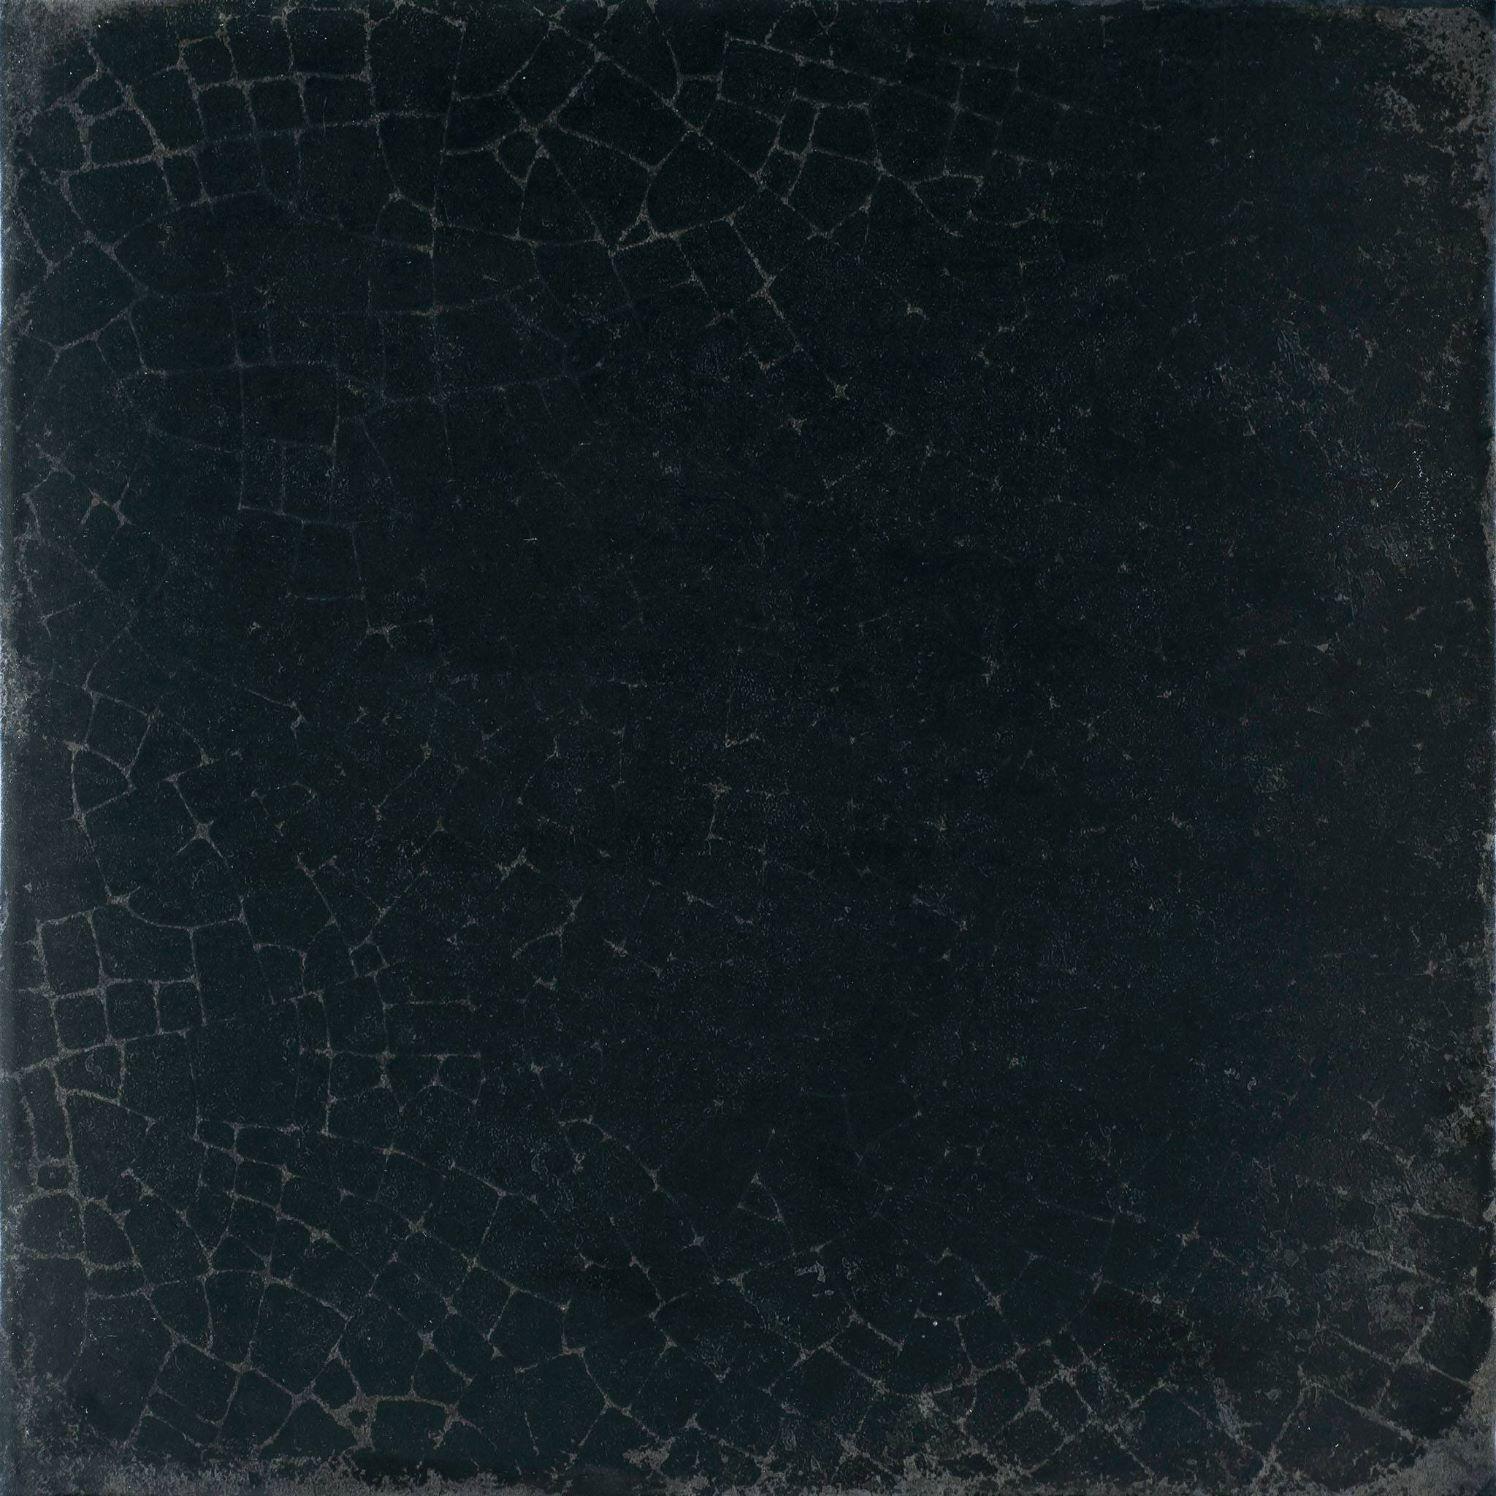 Dalia Negro 31x31